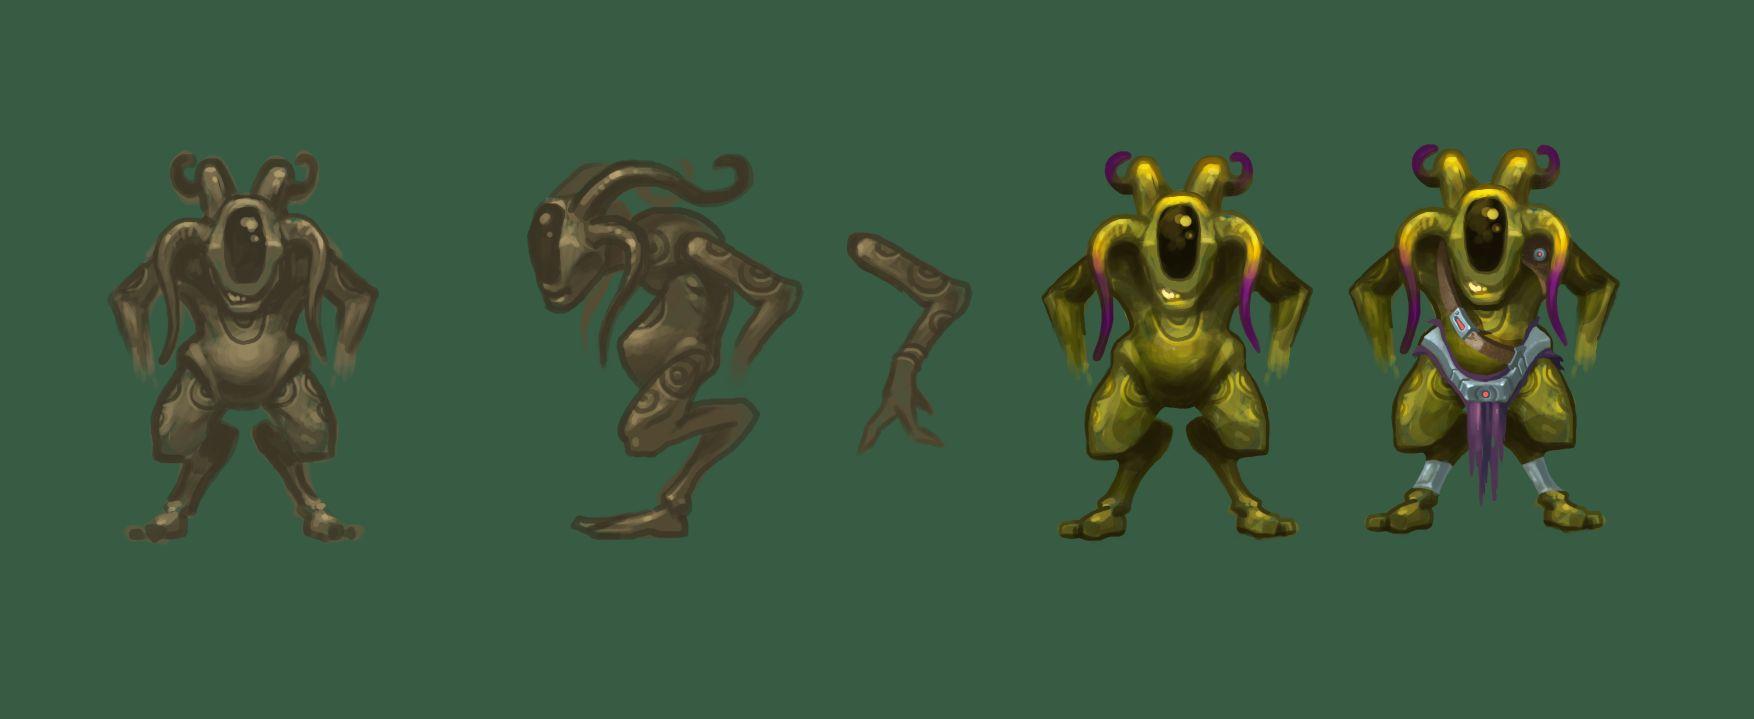 Нужен скетч персонажа для игры - дизайнер Donio